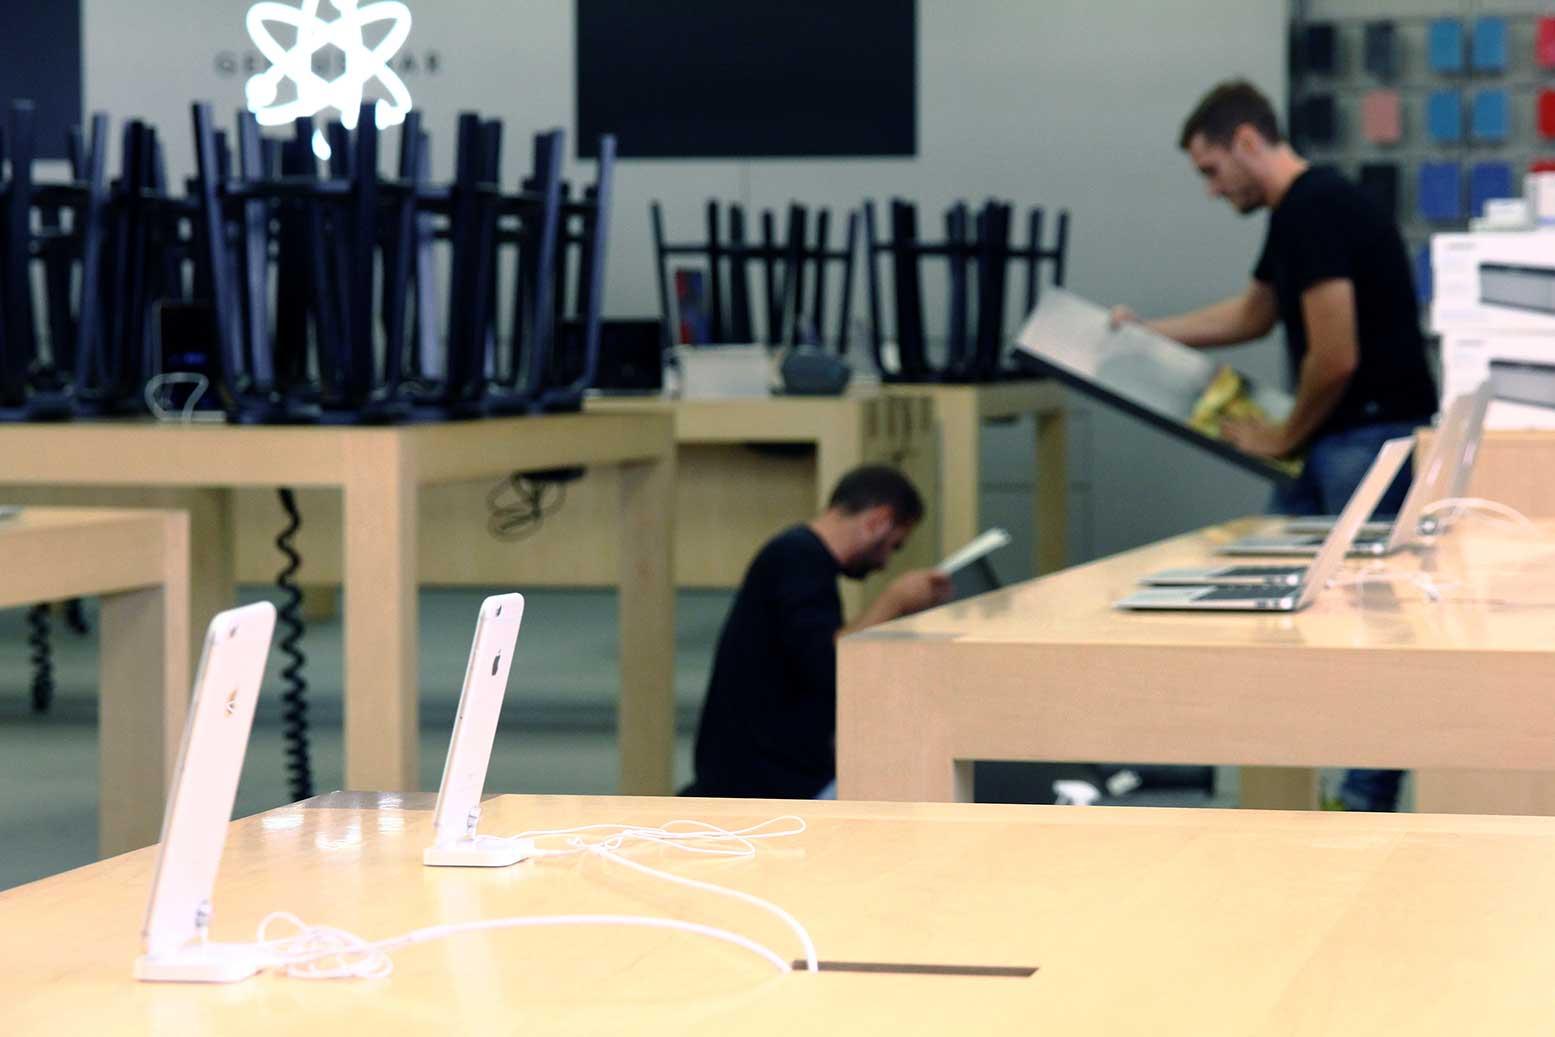 nuevos-acabados-para-expositores-plv-apple-store